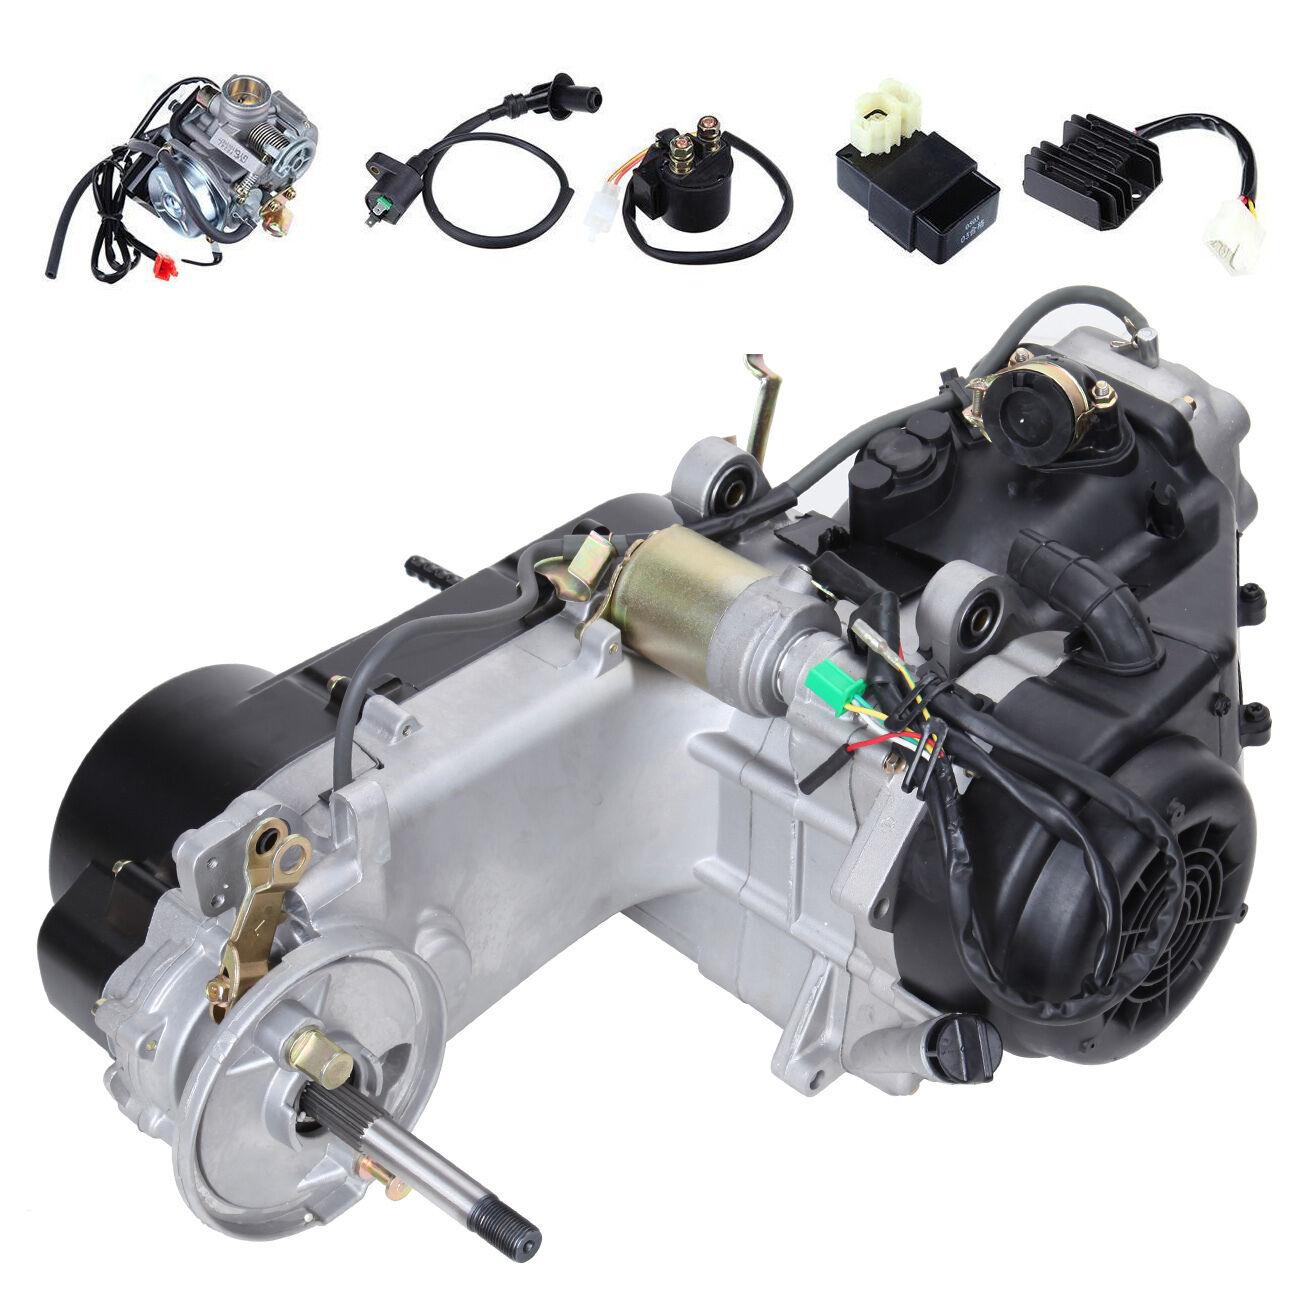 125 150cc gy6 four stroke engine - HD1300×1300